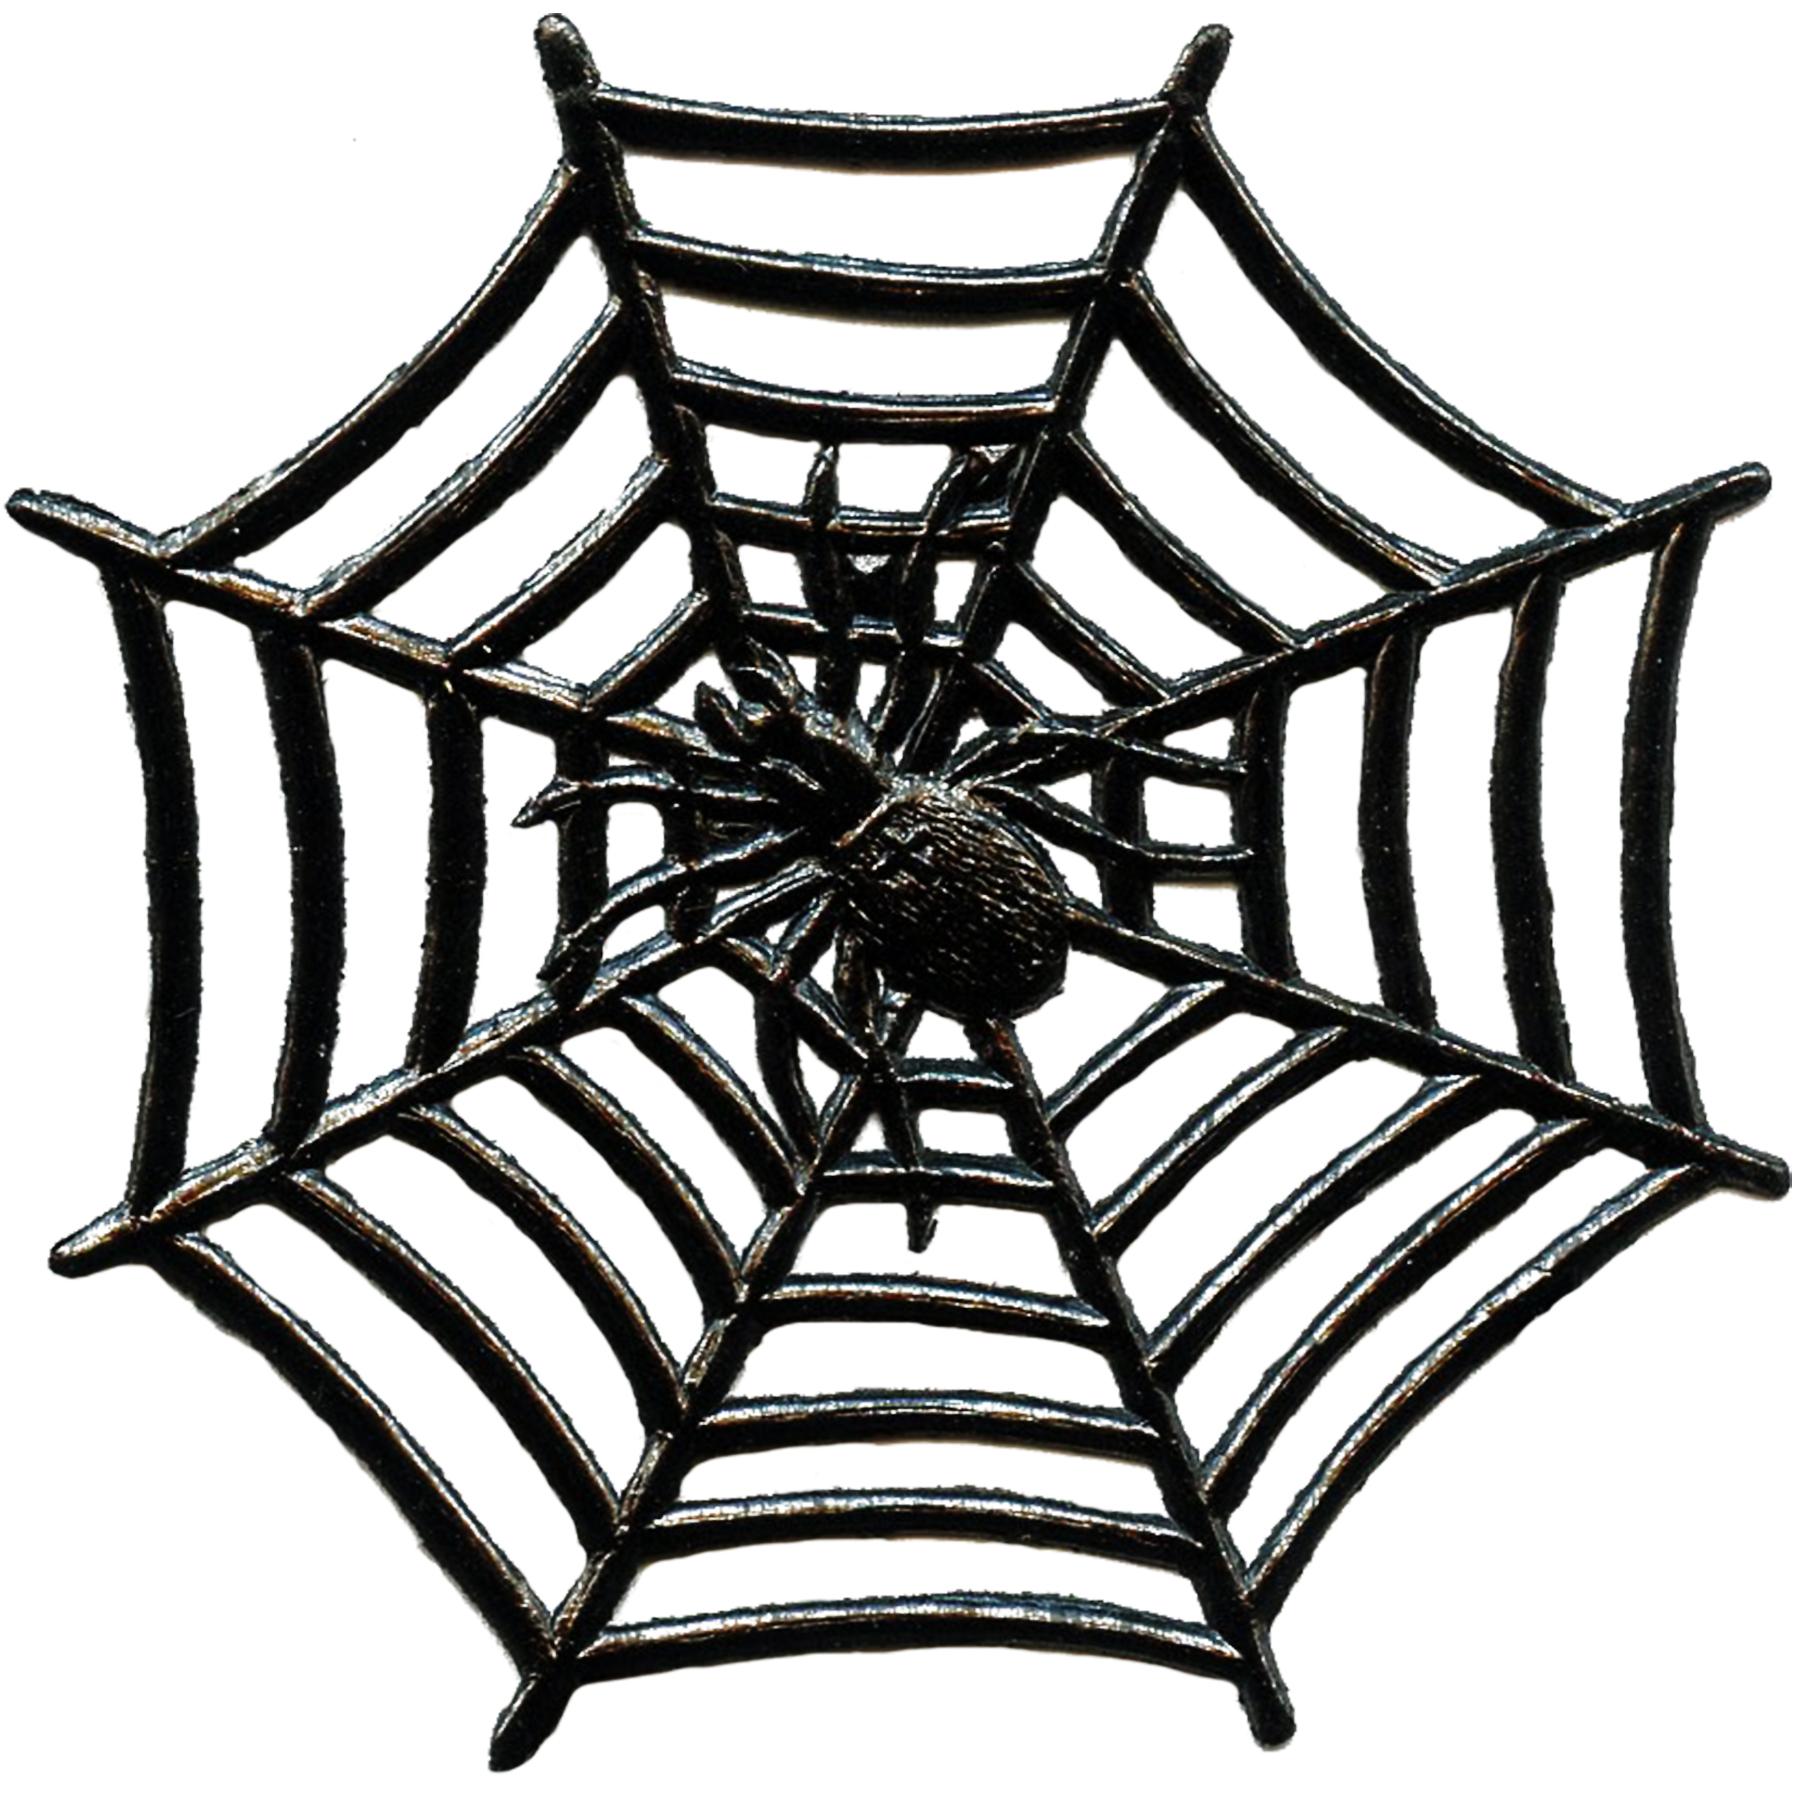 vintage halloween spider image - Halloween Spider